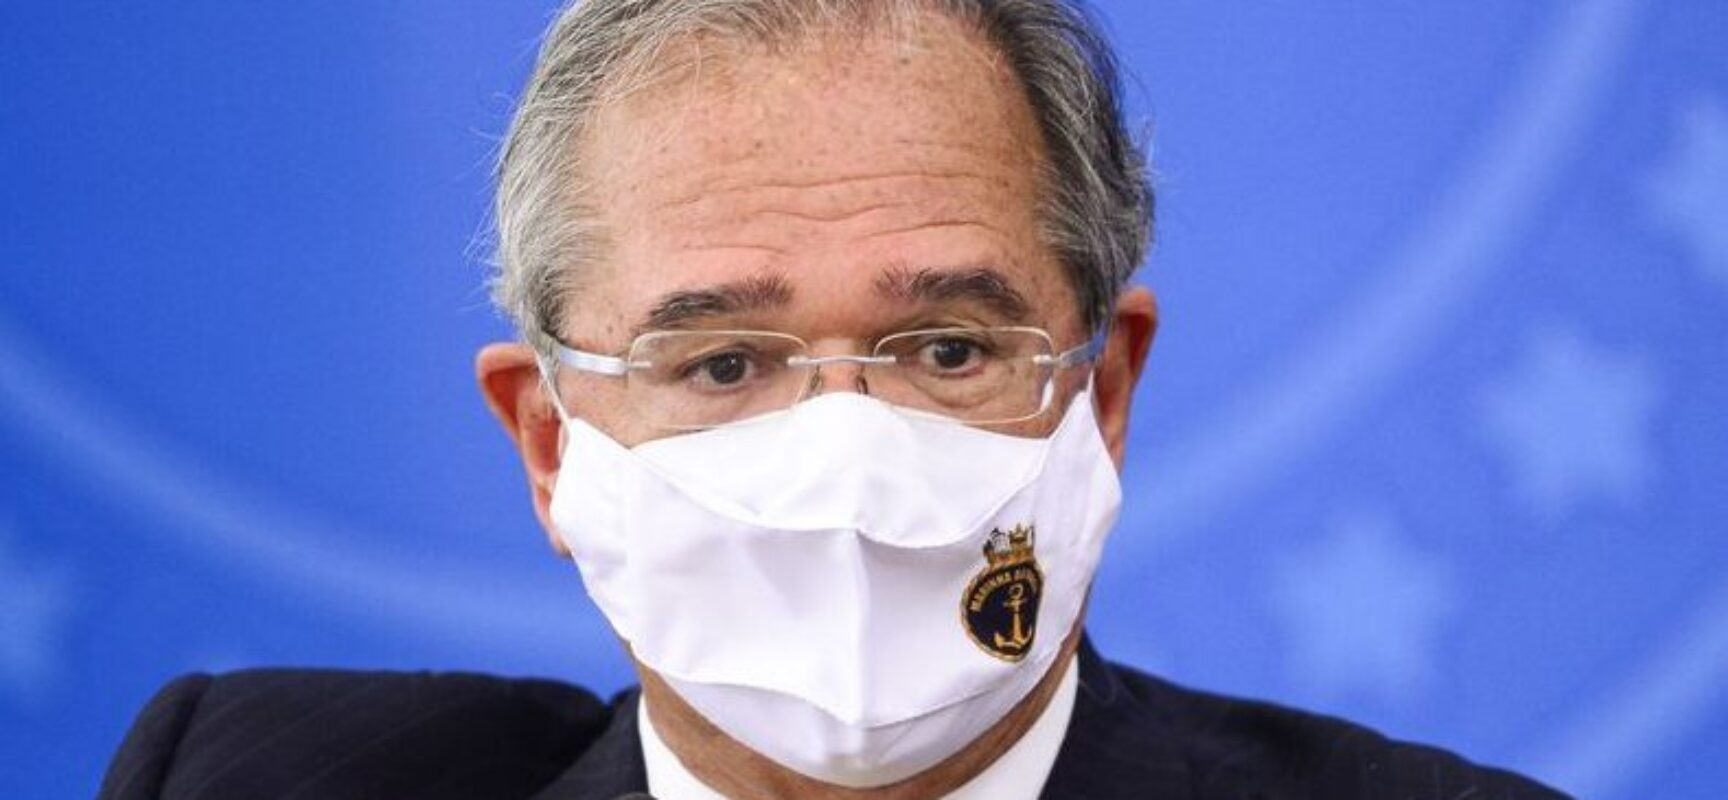 Guedes diz que reforma administrativa será moderada